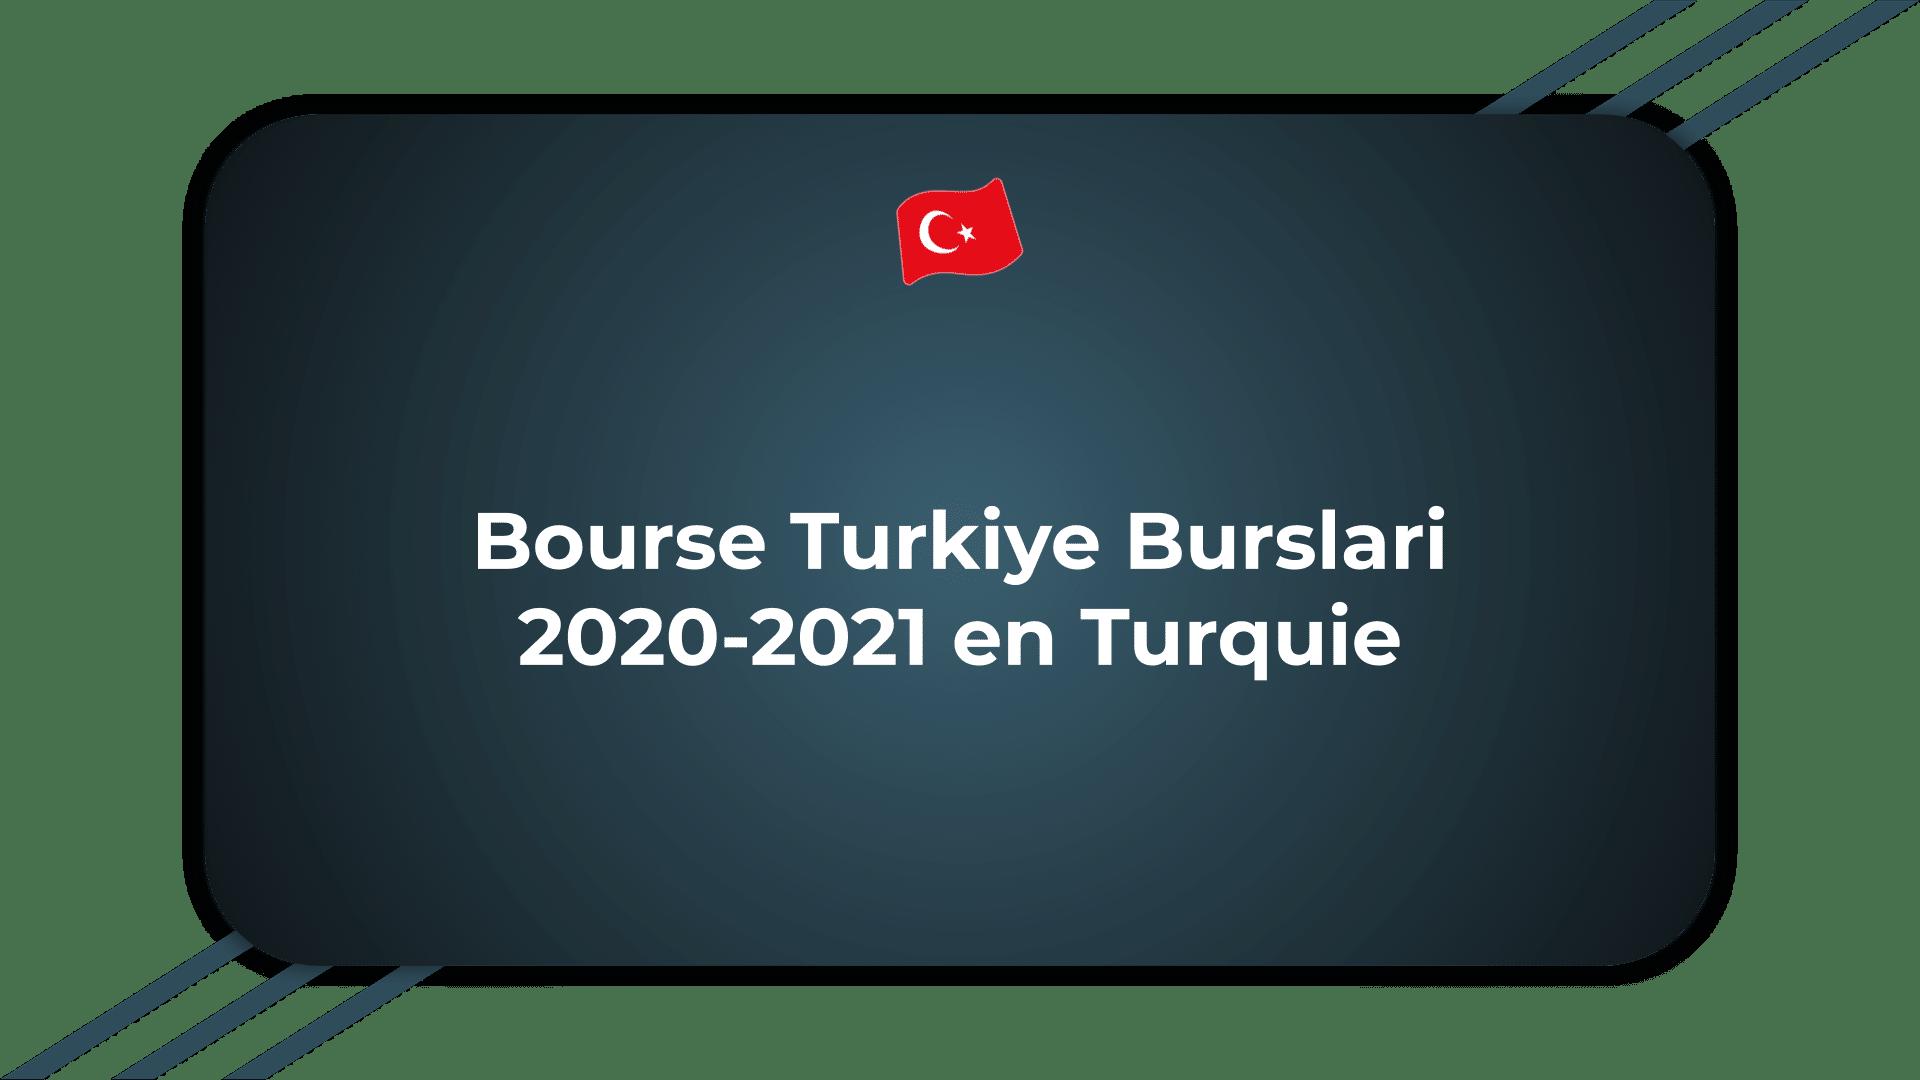 Bourse Turkiye Burslari